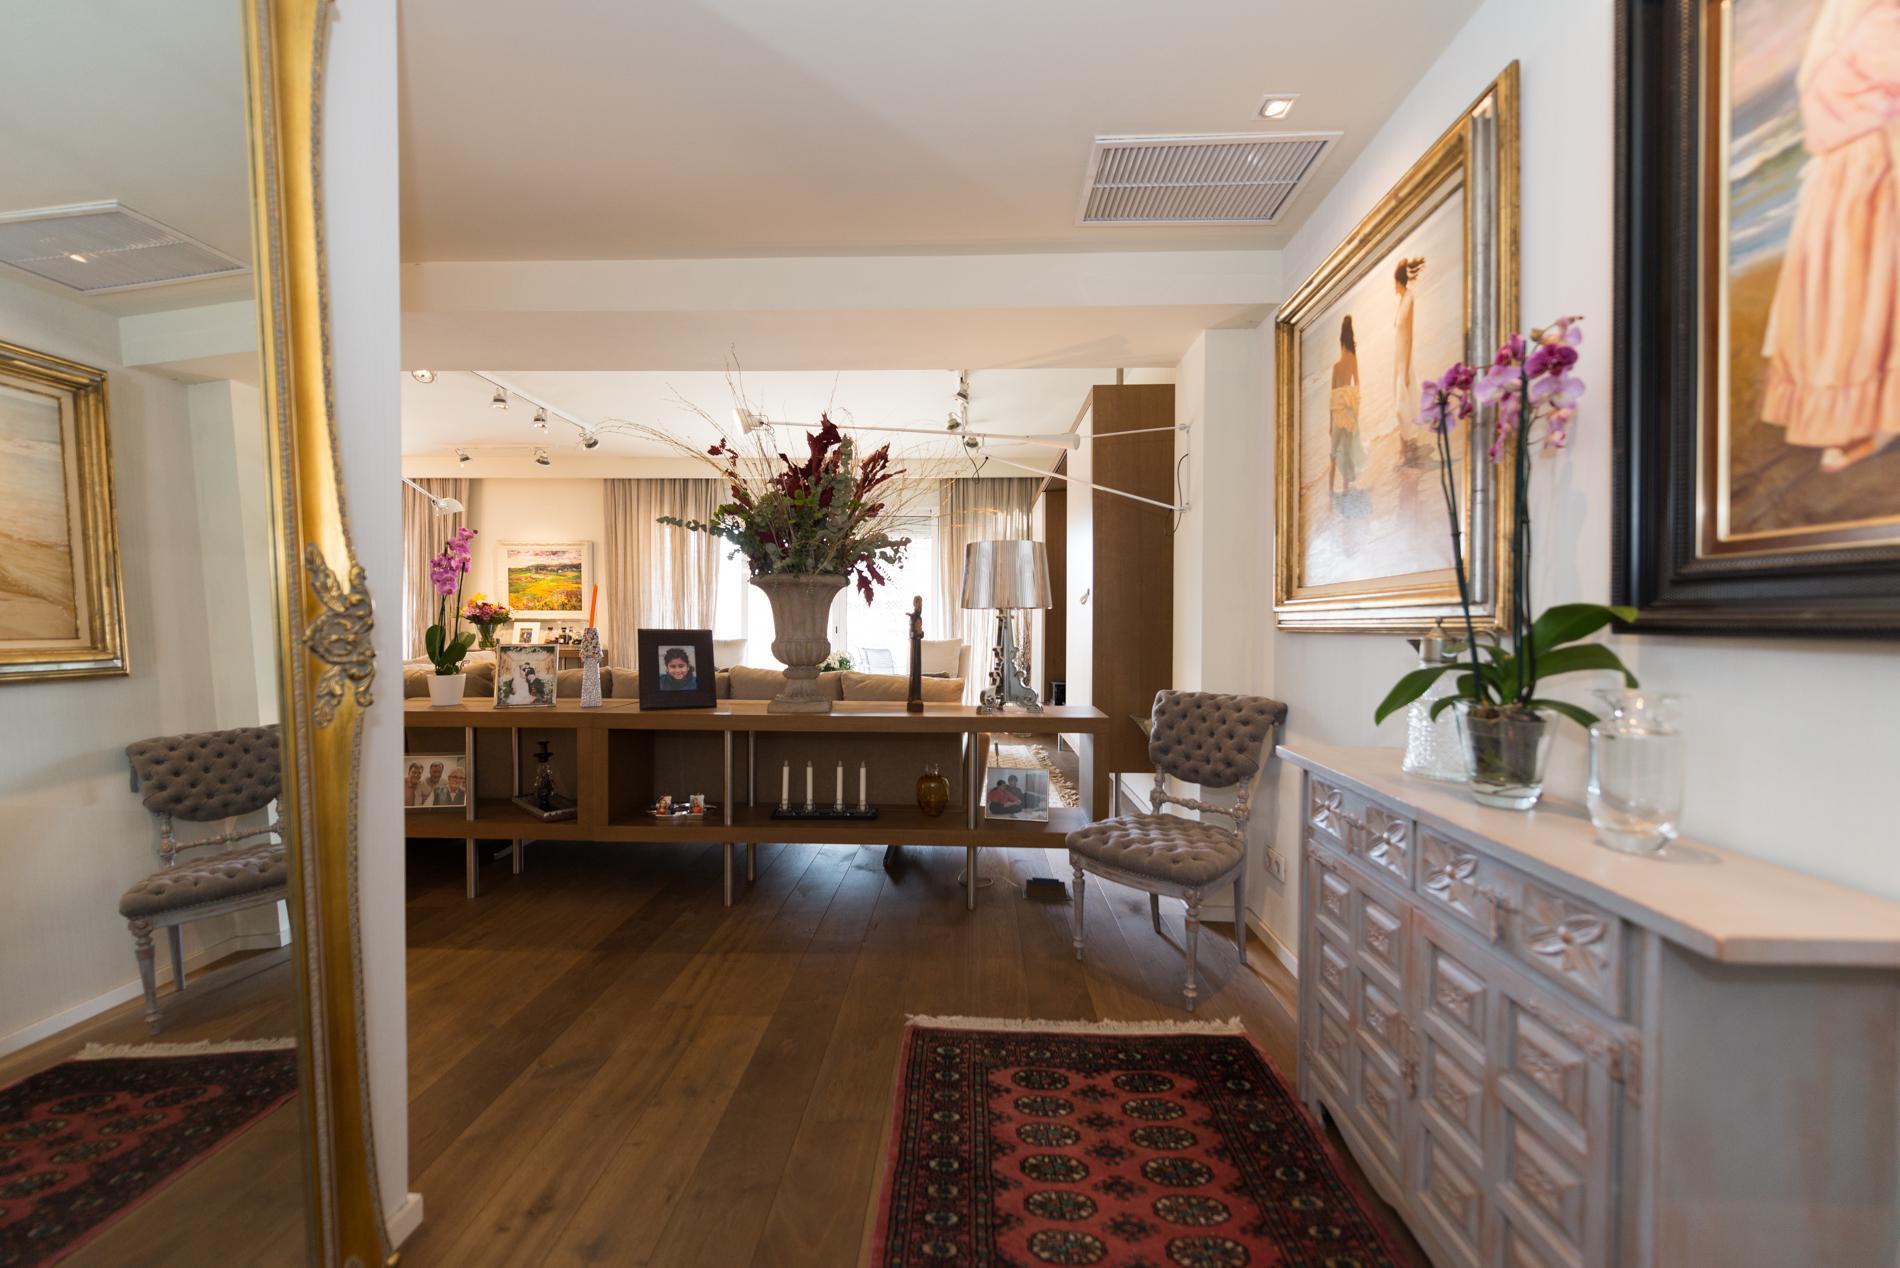 222426 Apartment for sale in Eixample, Dreta Eixample 38